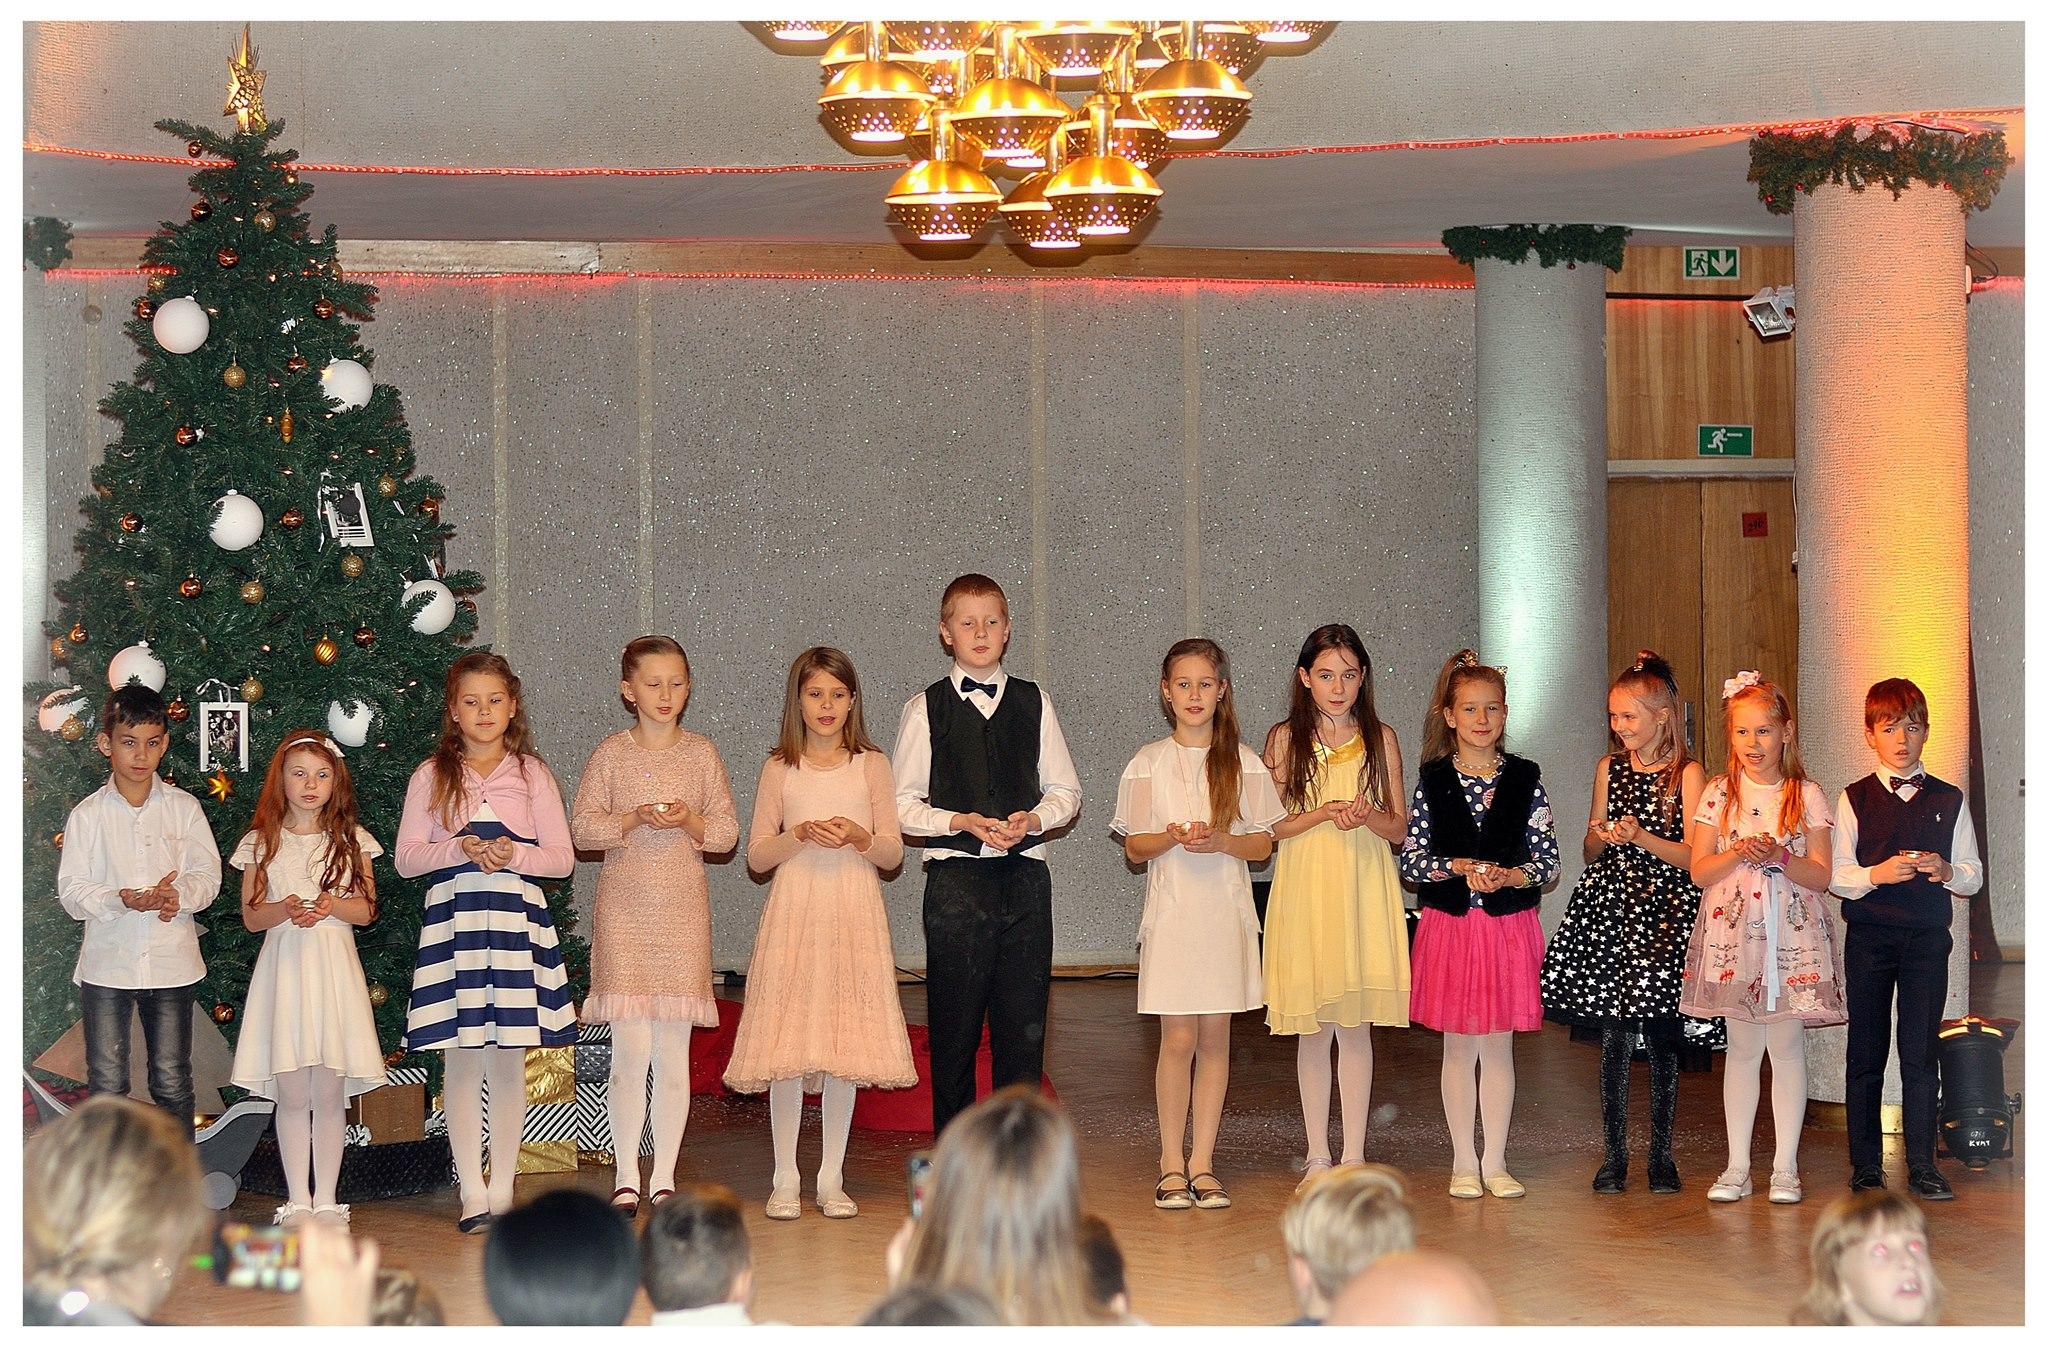 Ruošti vaikus operos scenai: svajonė virtusi sėkmingu nuotykiu | Klaipėdos valstybinio muzikinio teatro nuotr.